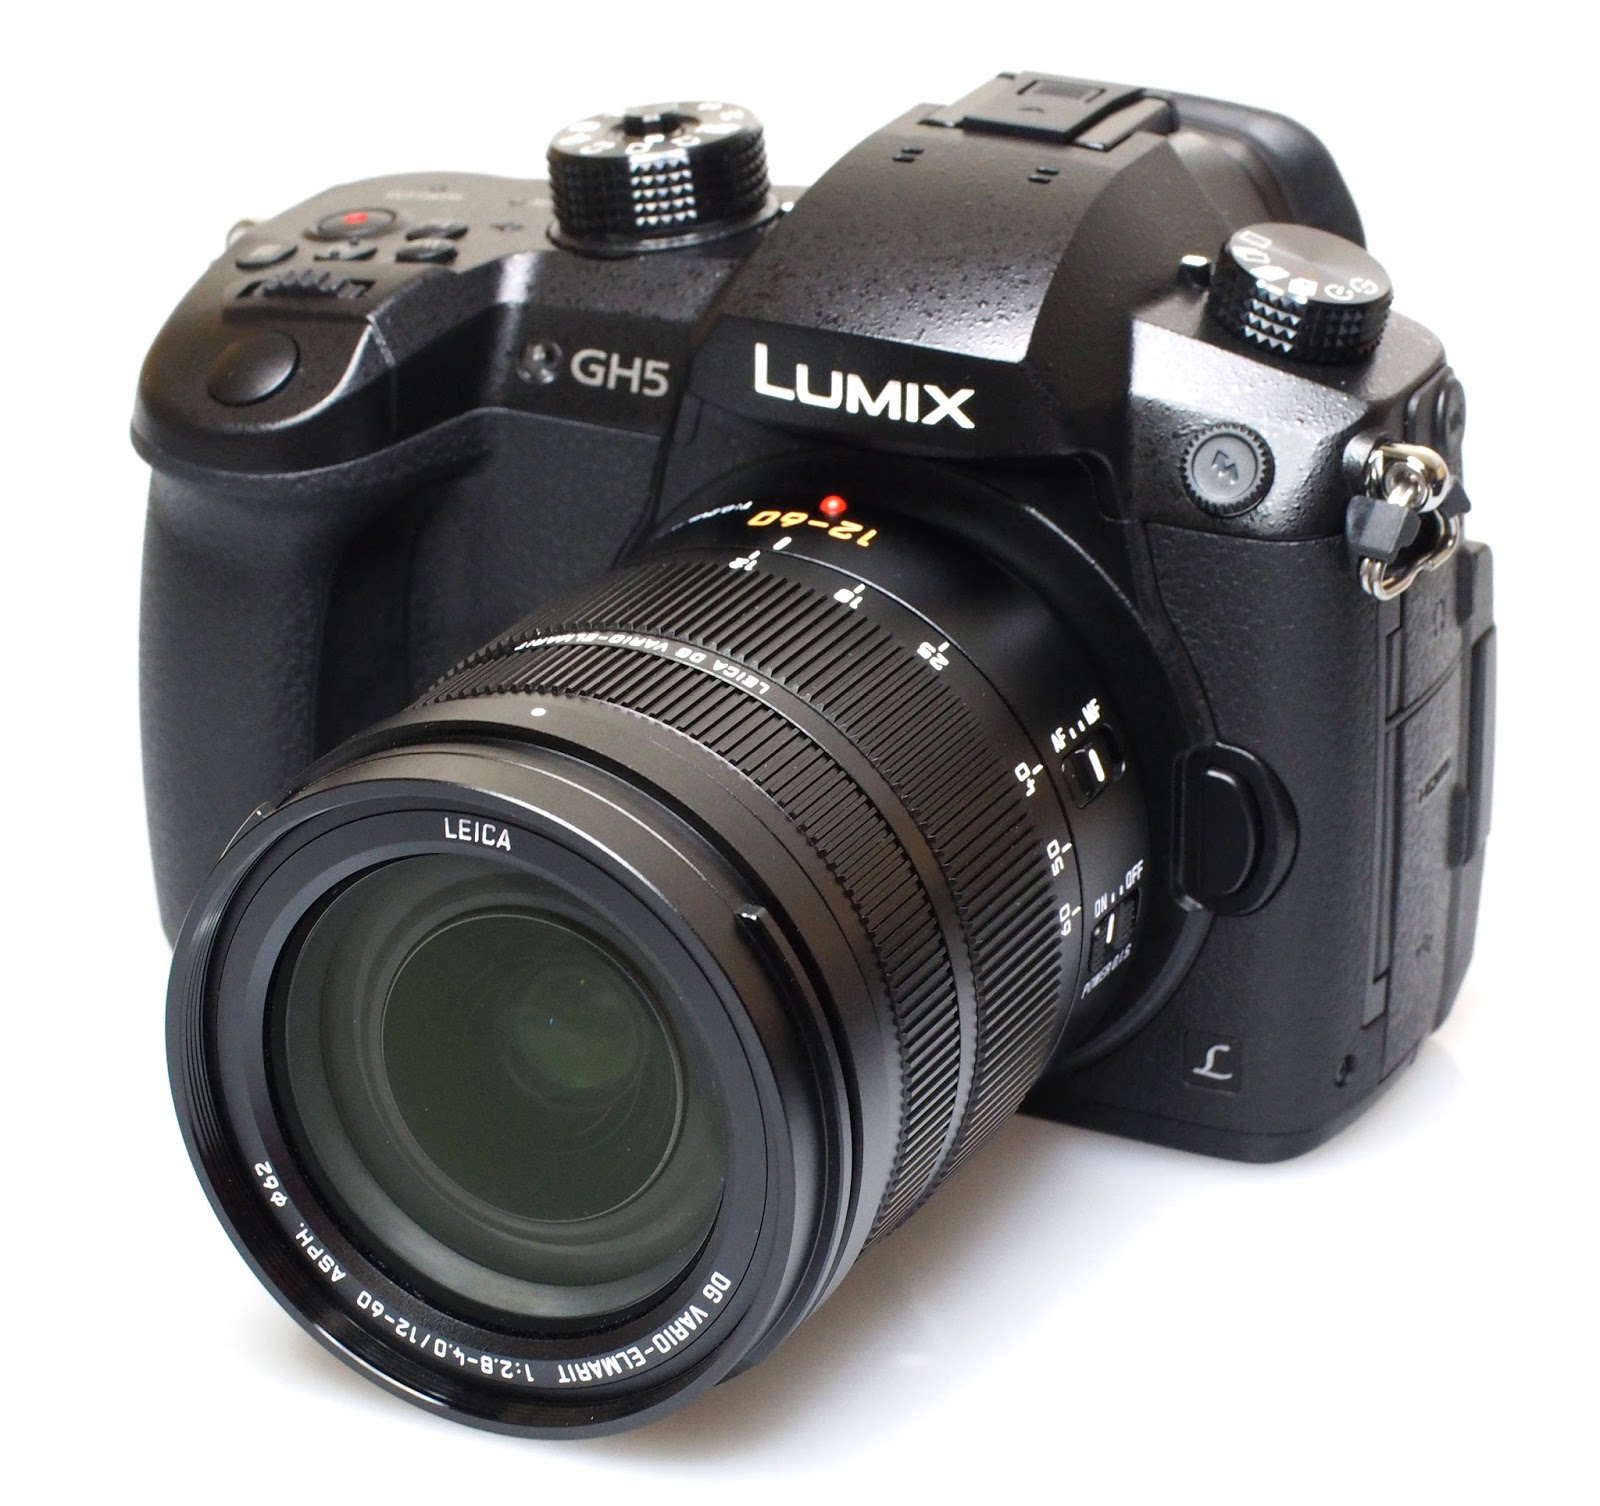 Panasonic Lumix GH5 с объективом Leica 12-60mm f/2.8-4.0